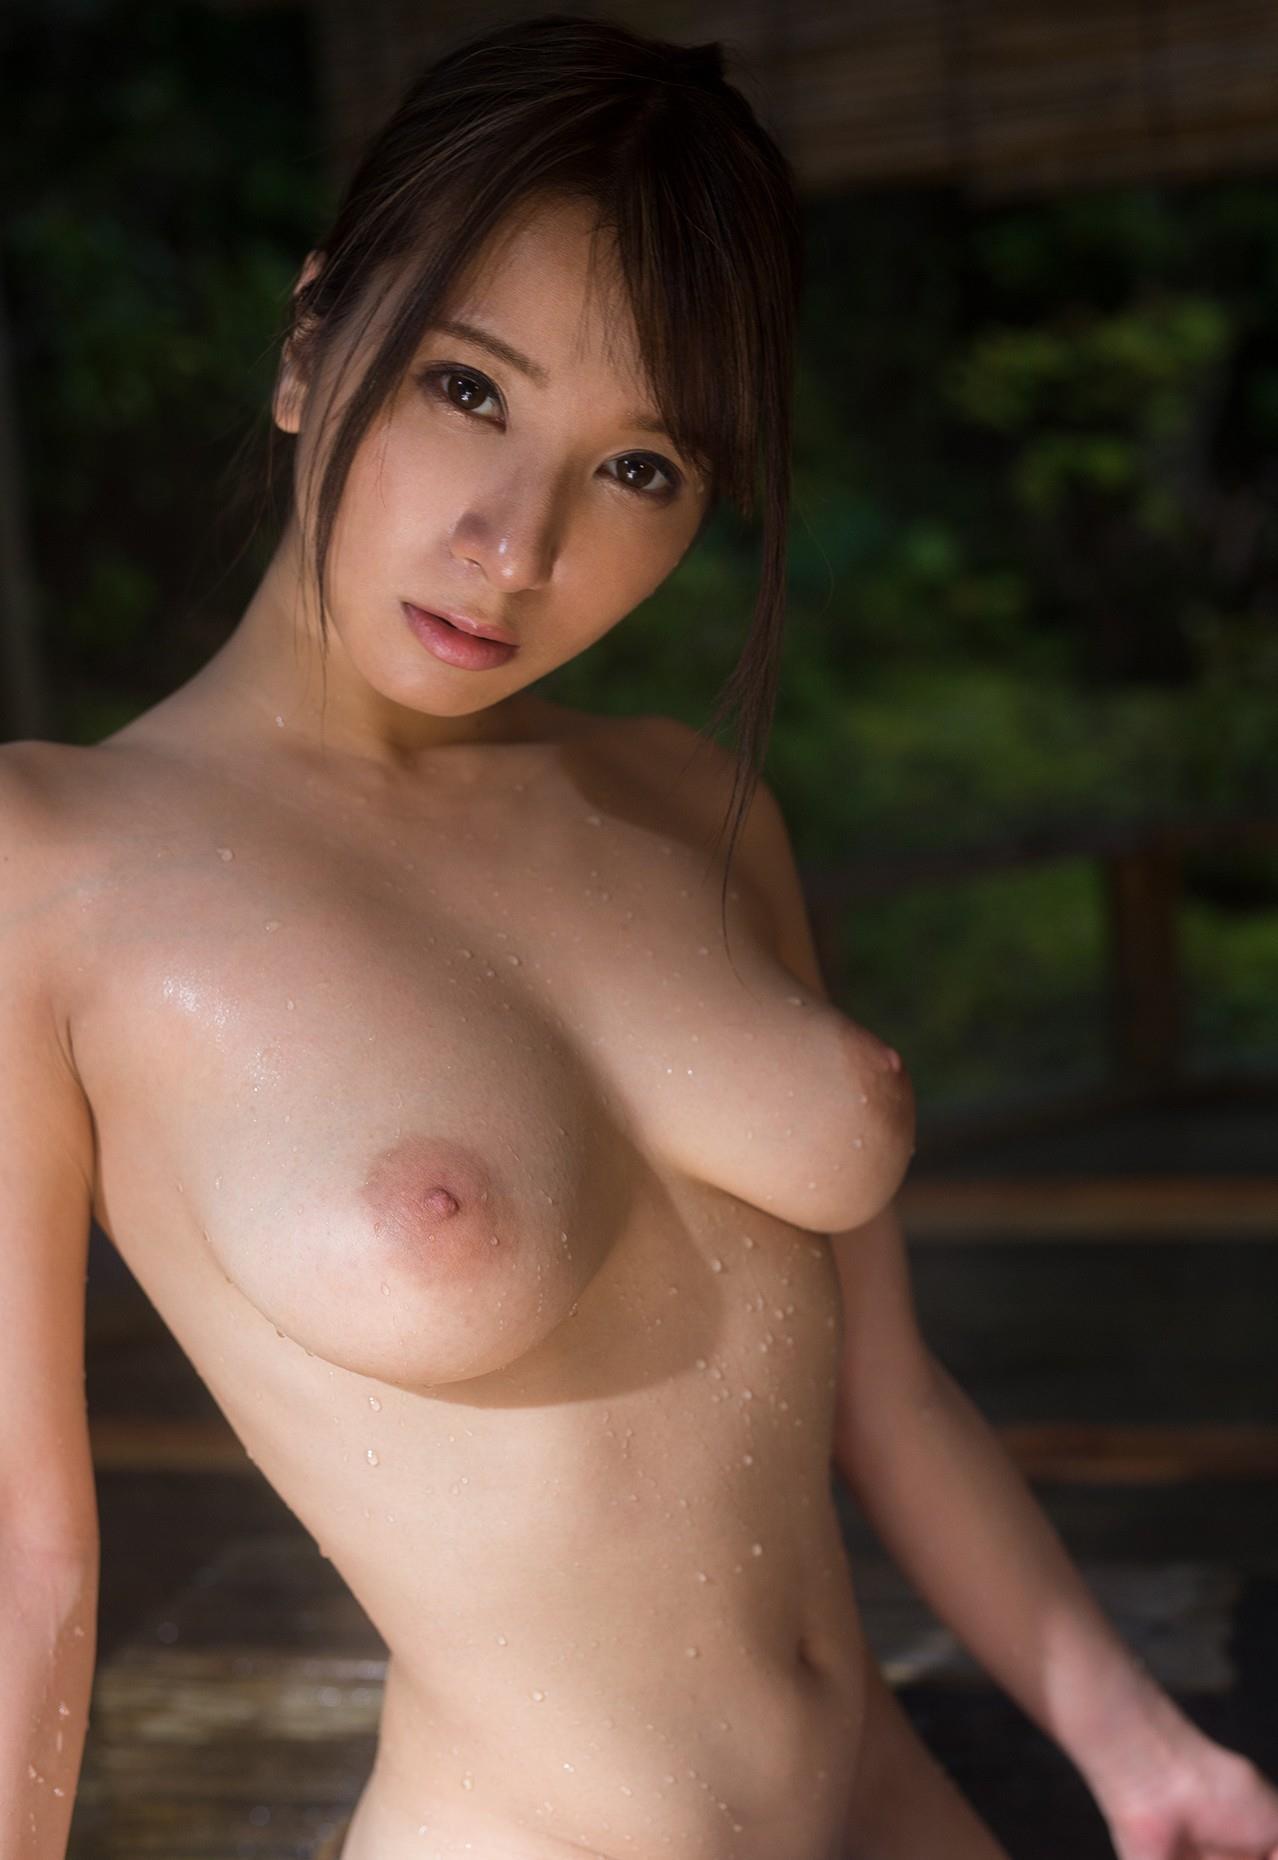 アダルト画像3次元 - 癒しの乳日々頑張る皆さんへ、美麗な乳見せてあげる!第十一弾:EroNet様